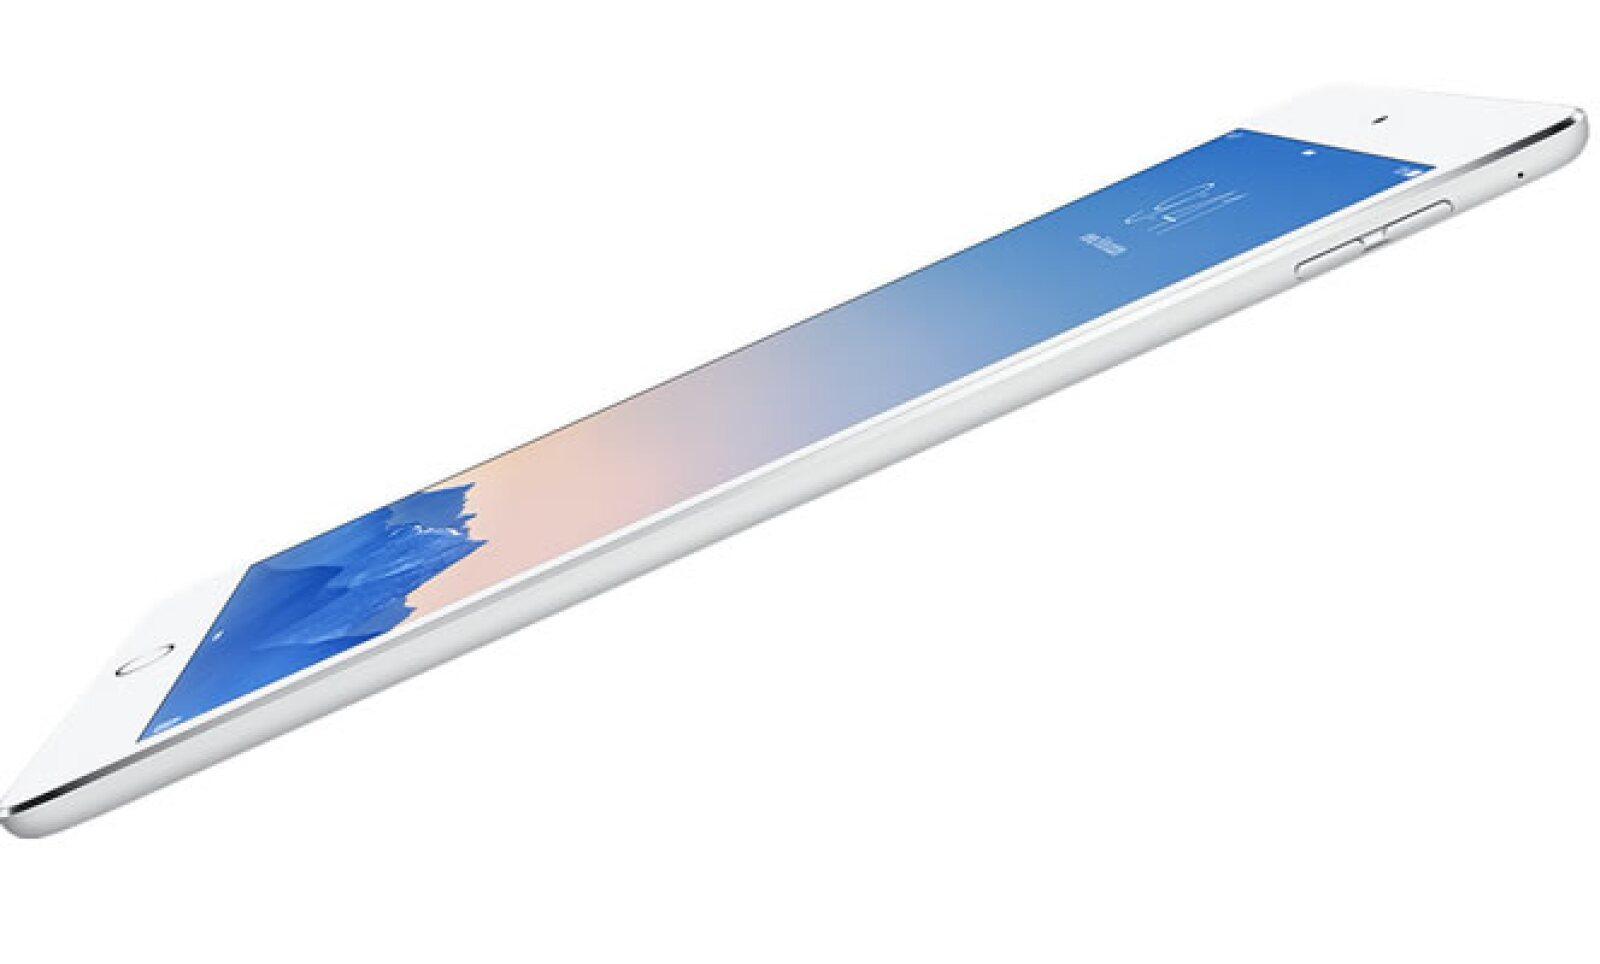 La nueva iPad Air 2 es 18% más delgada que su antecesora, con un grosor de 6.1 milímetros. La pantalla mide 9.7 pulgadas.